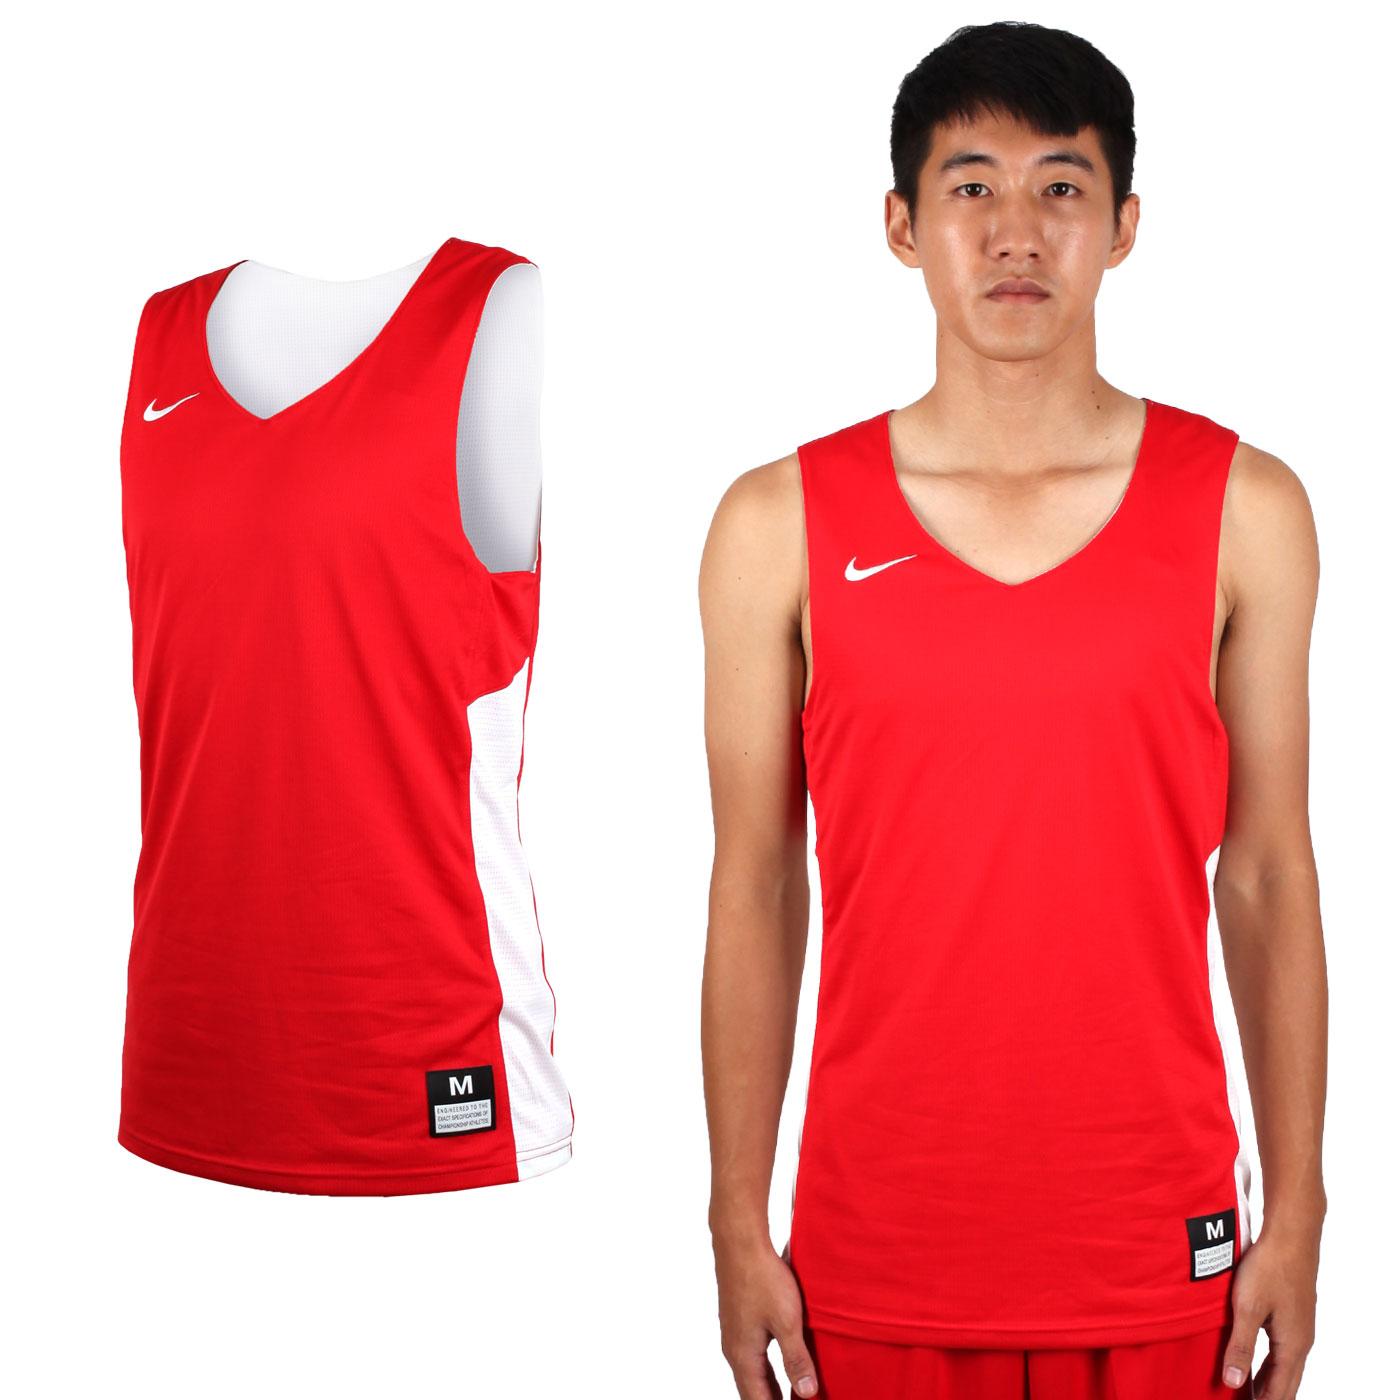 NIKE 男款雙面籃球針織背心 867767658 - 紅白